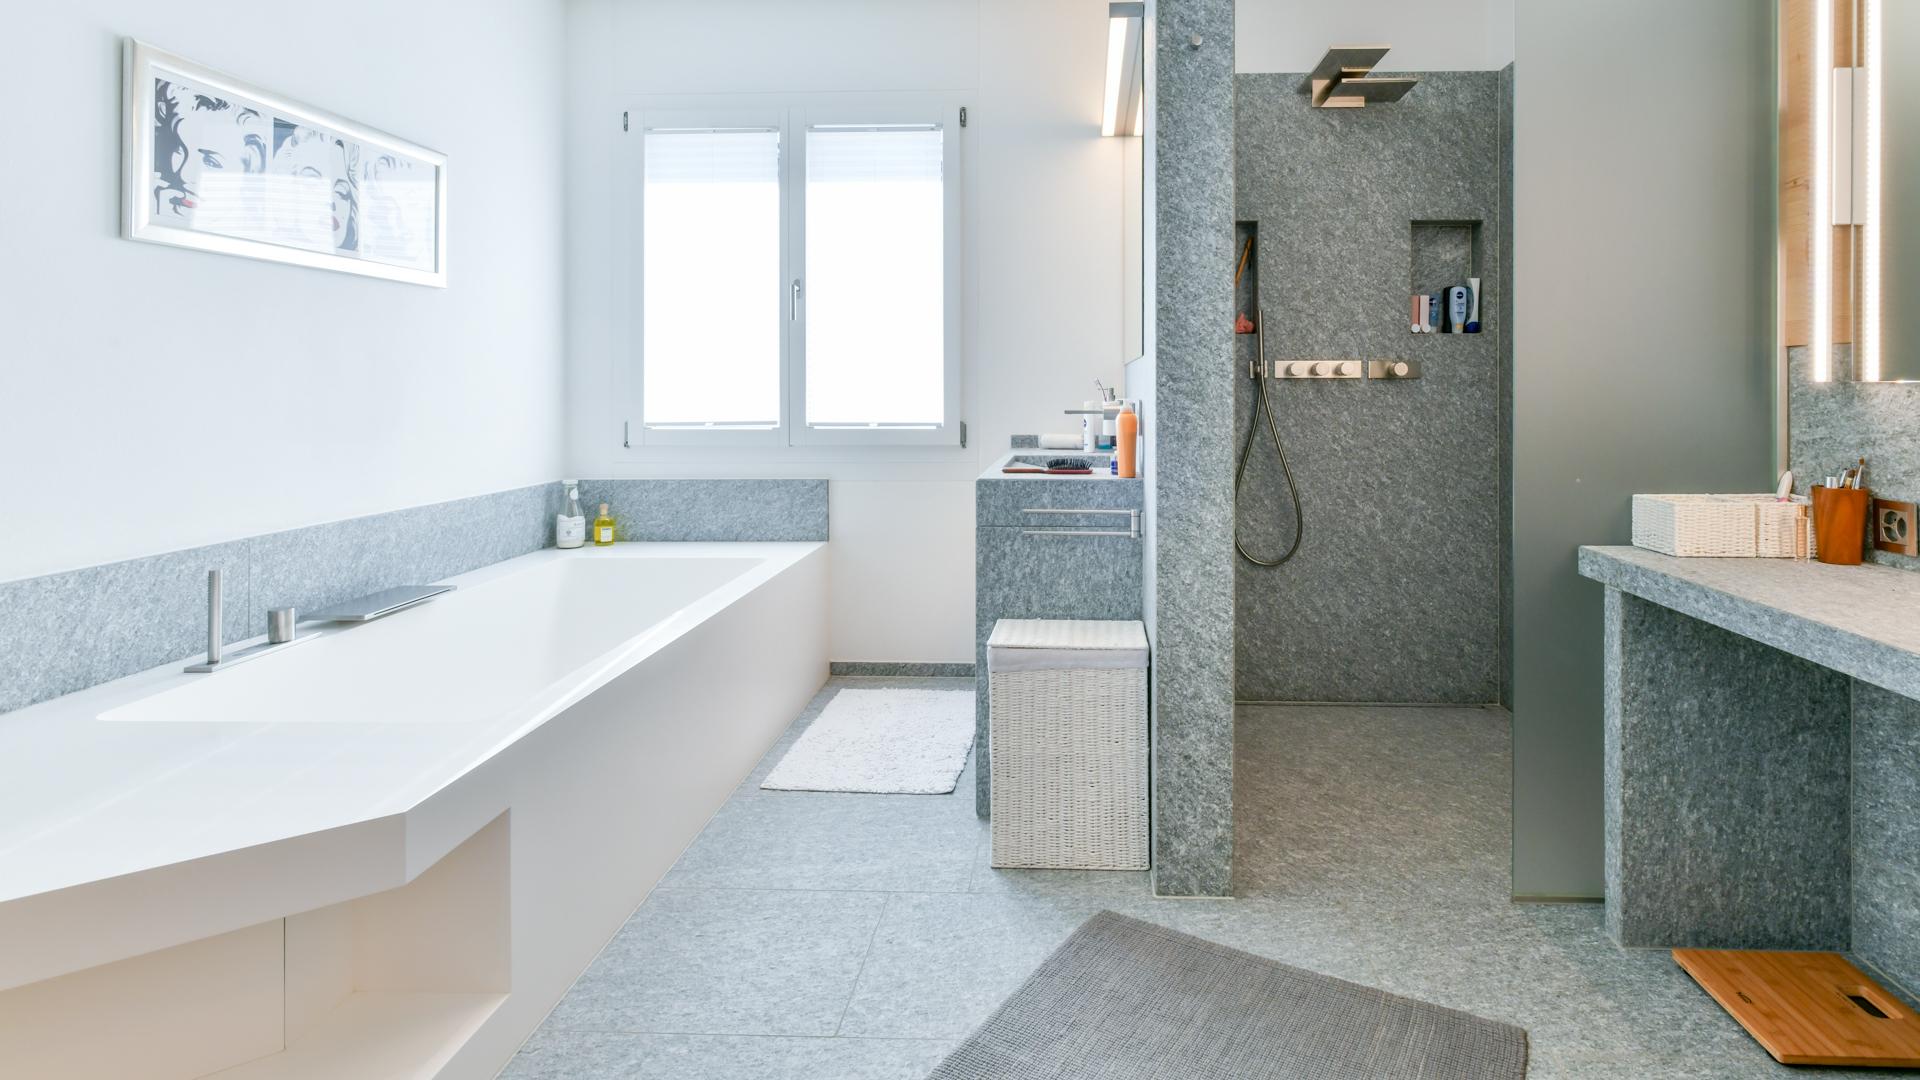 Fürstlich: Bad/WC/Dusche und 2 Lavabos.